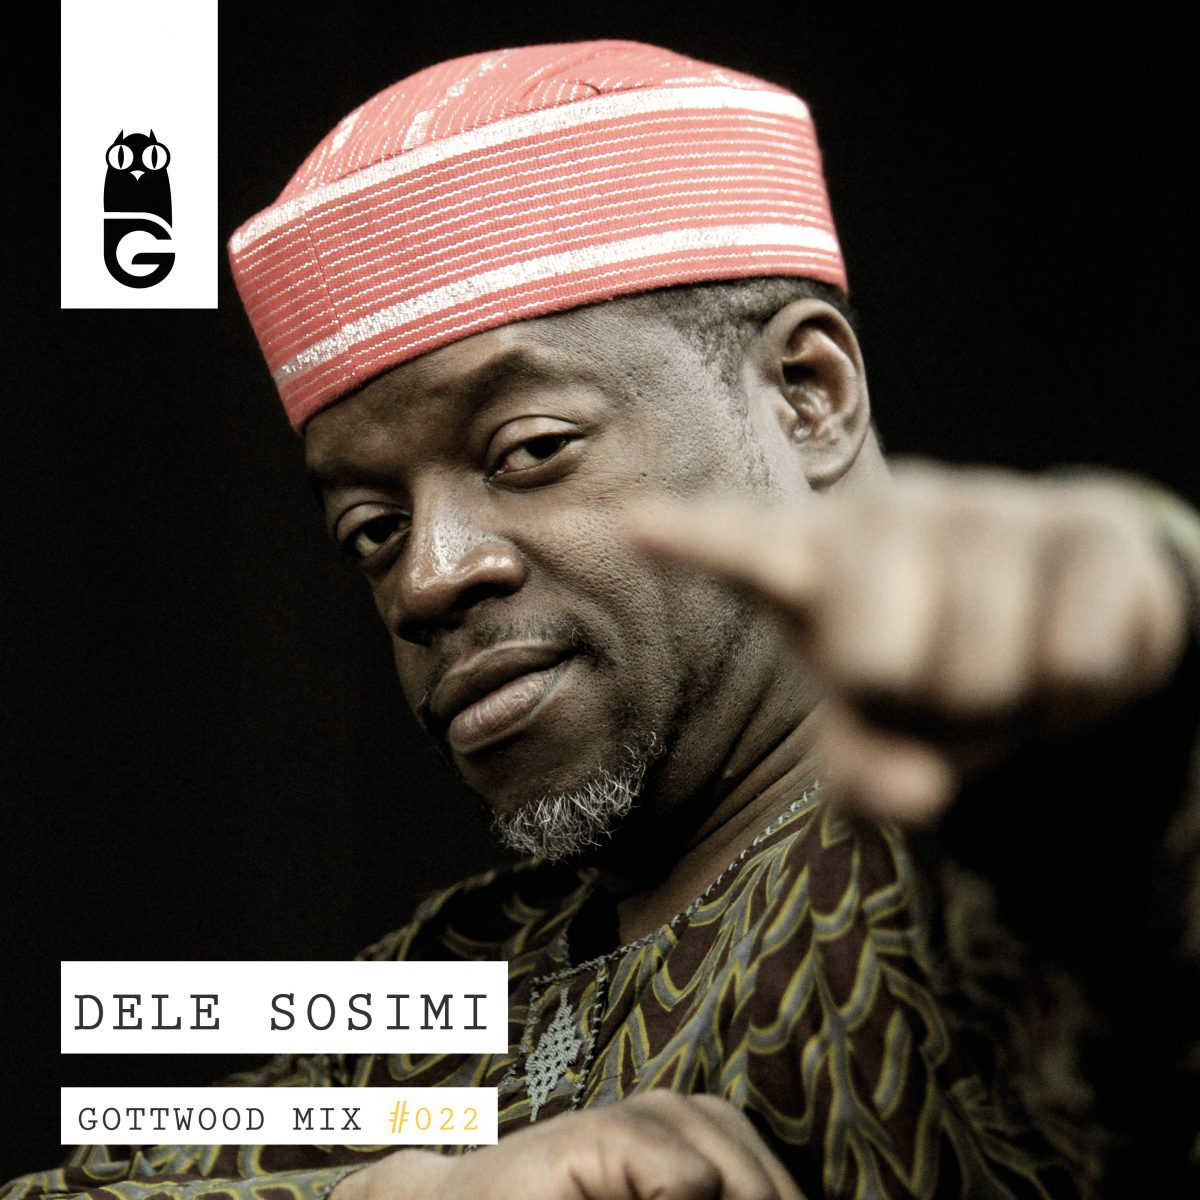 022 - Dele Sosimi